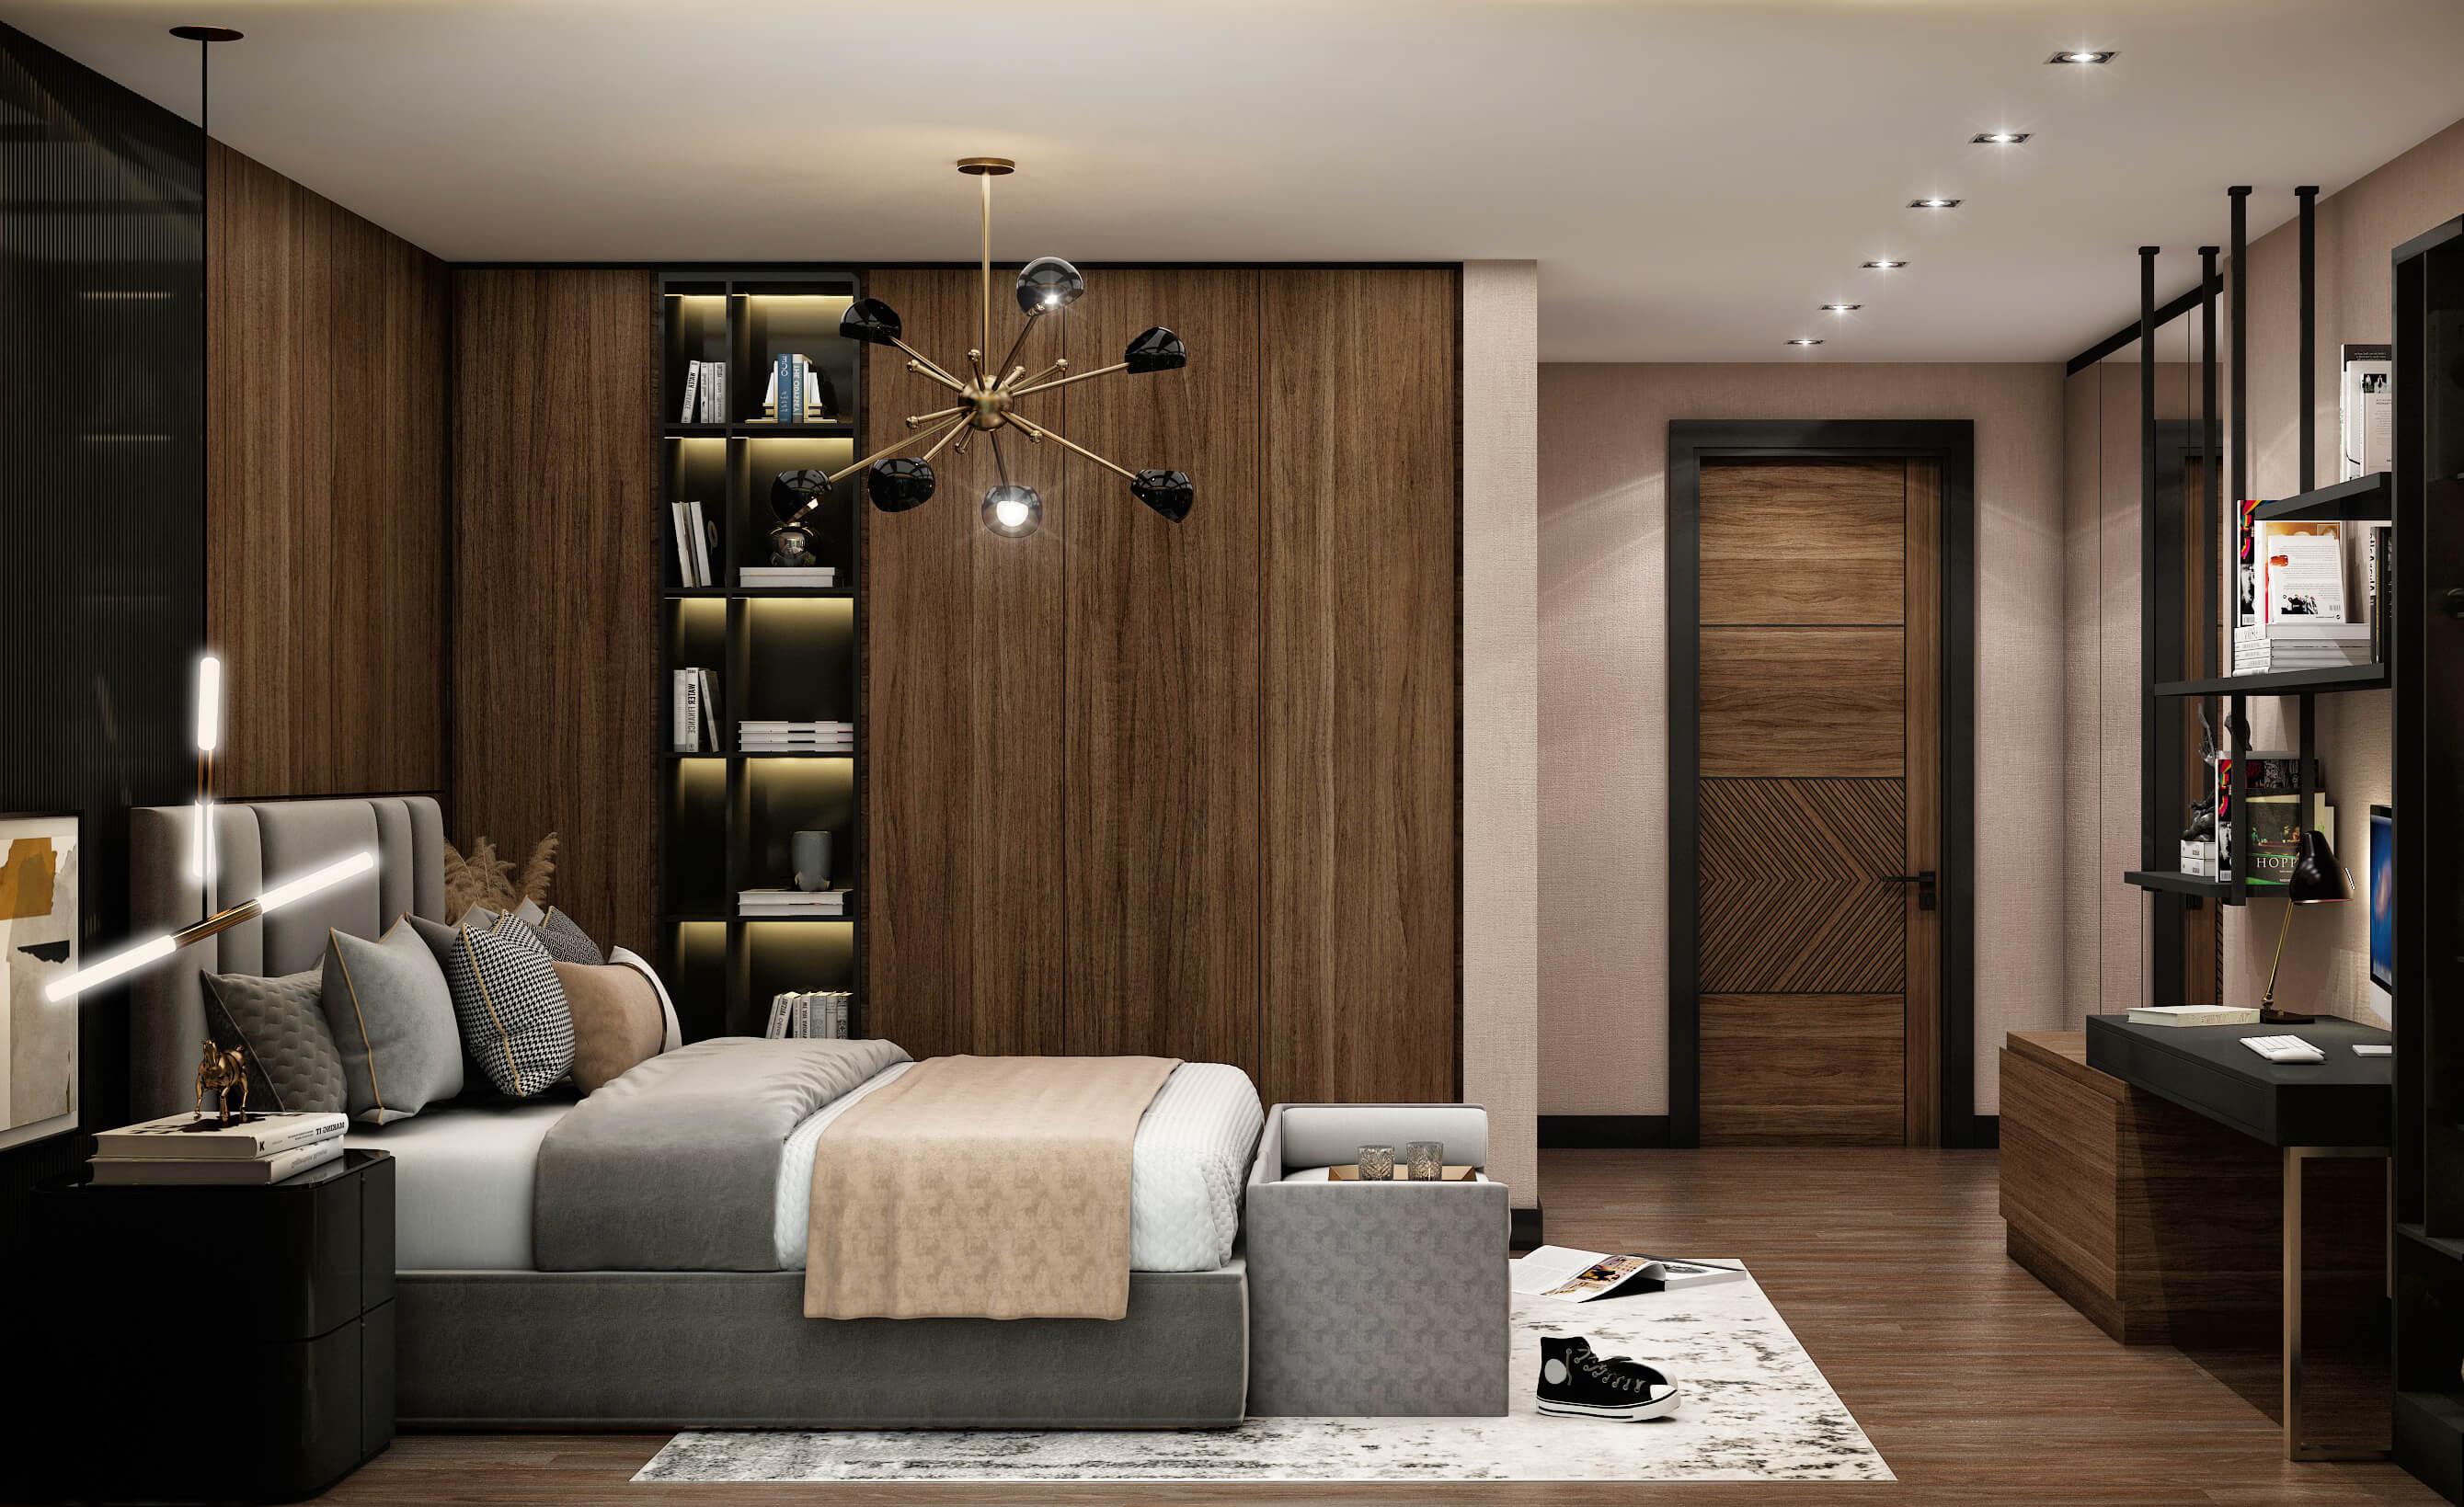 Vantage umitkoy 4401 Cemreler House Residential